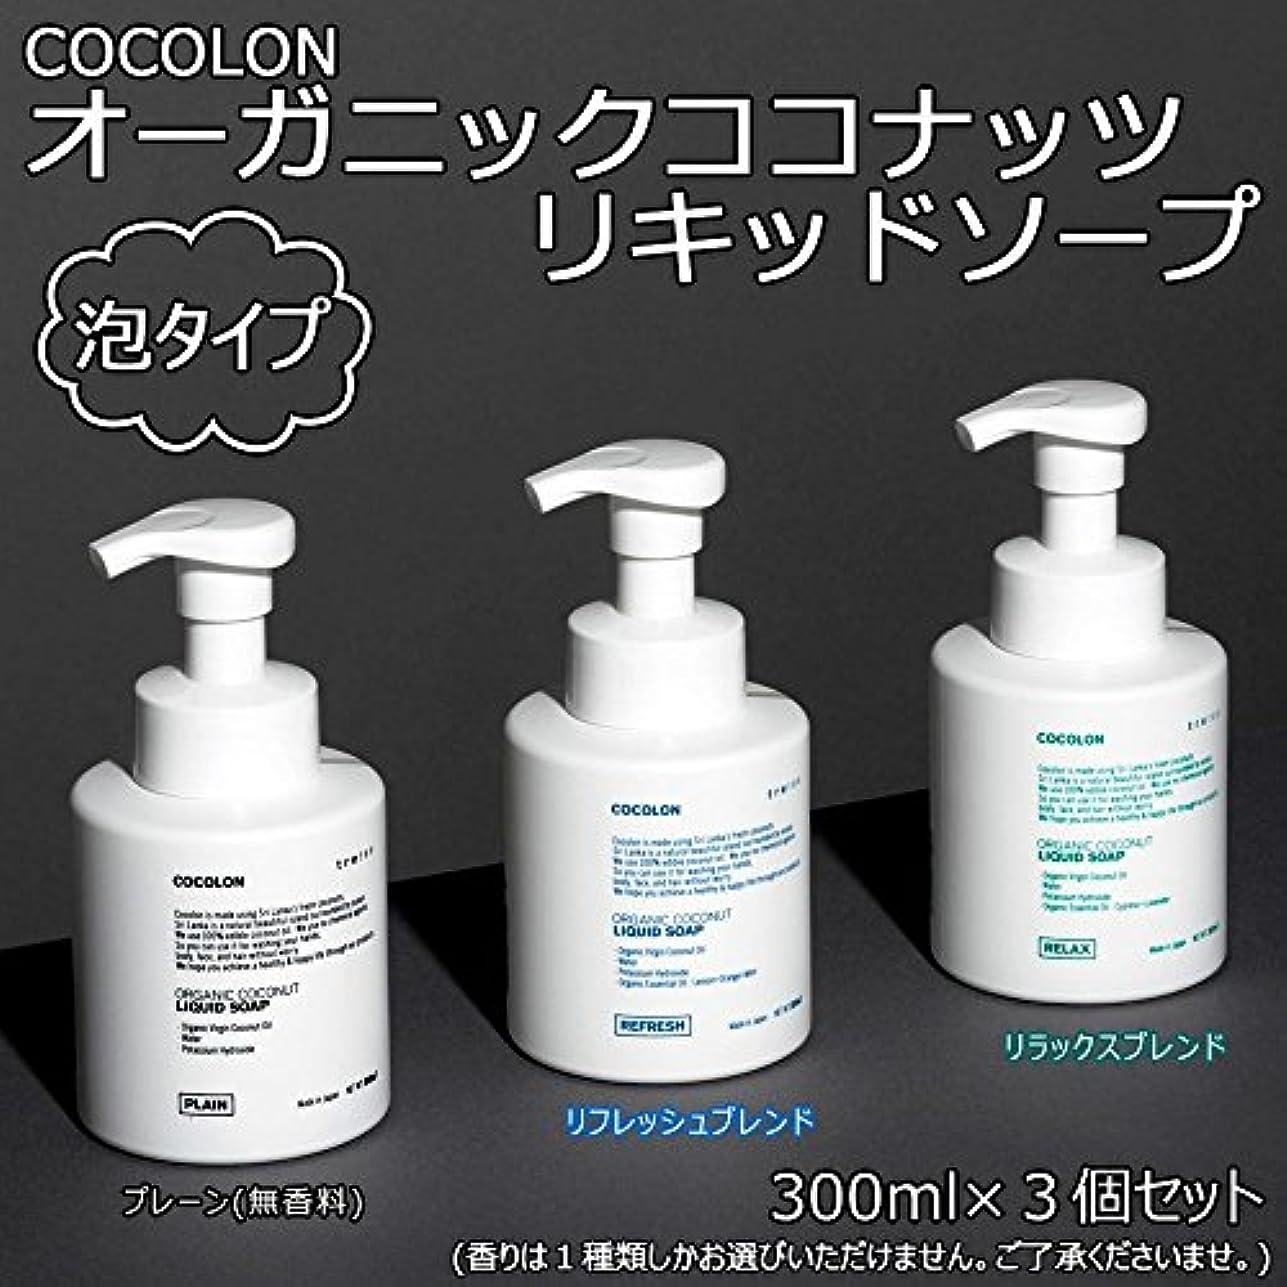 完全に乾く土曜日適合しましたCOCOLON ココロン オーガニックココナッツリキッドソープ 泡タイプ 300ml 3個セット【同梱?代引不可】 ■3種類の内「プレーン(無香料)」のみです